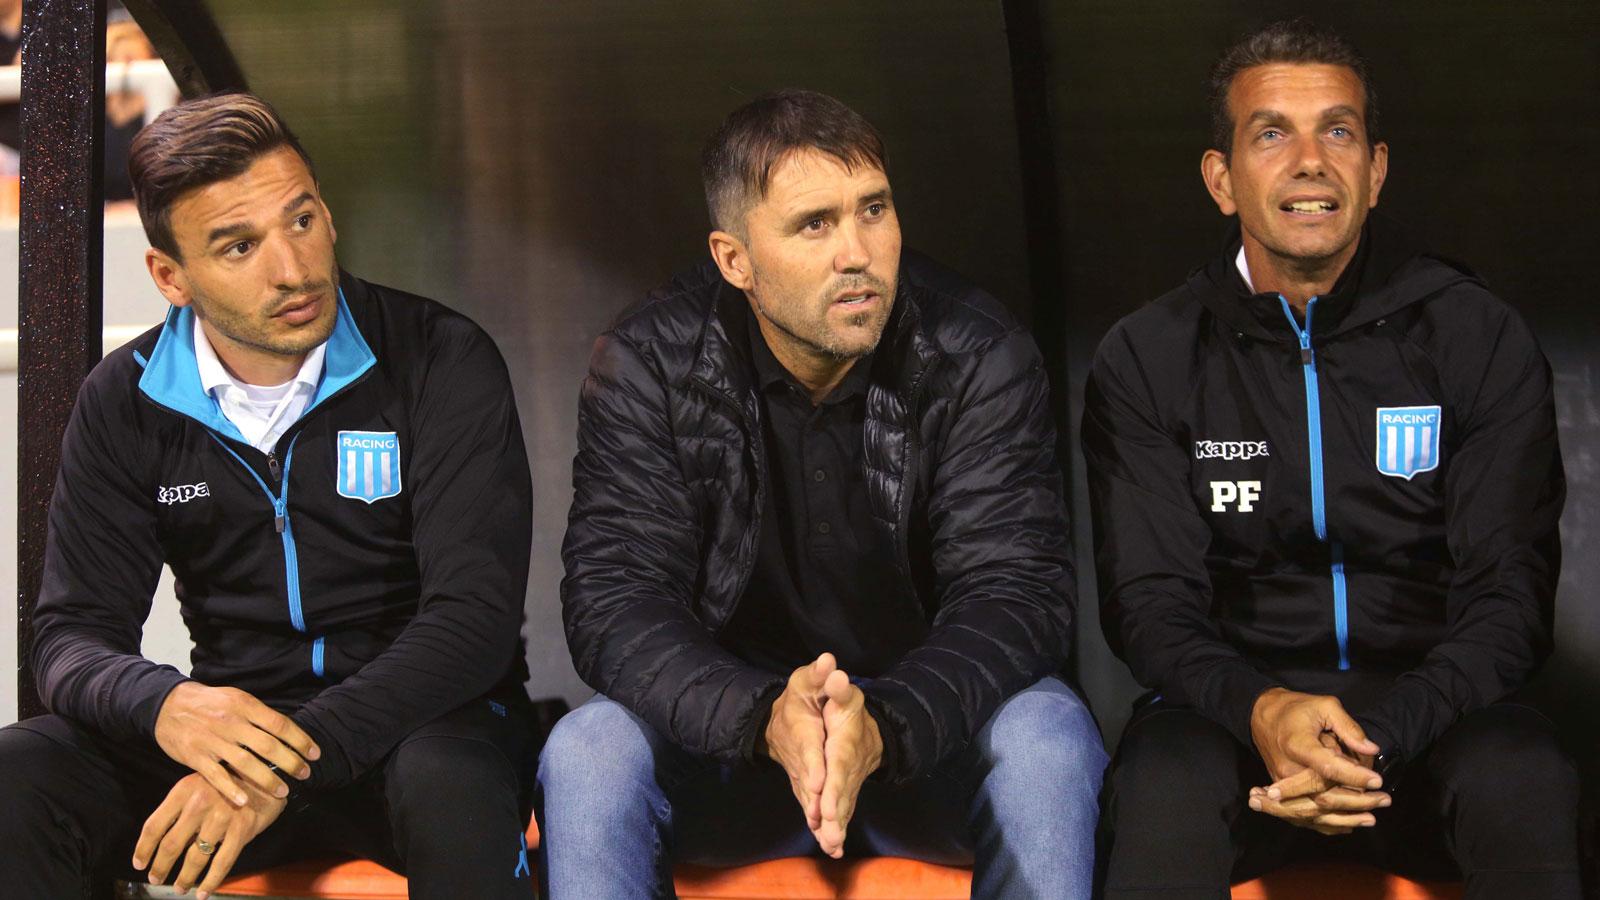 El próximo amistoso de verano será frente a Independiente (Télam)